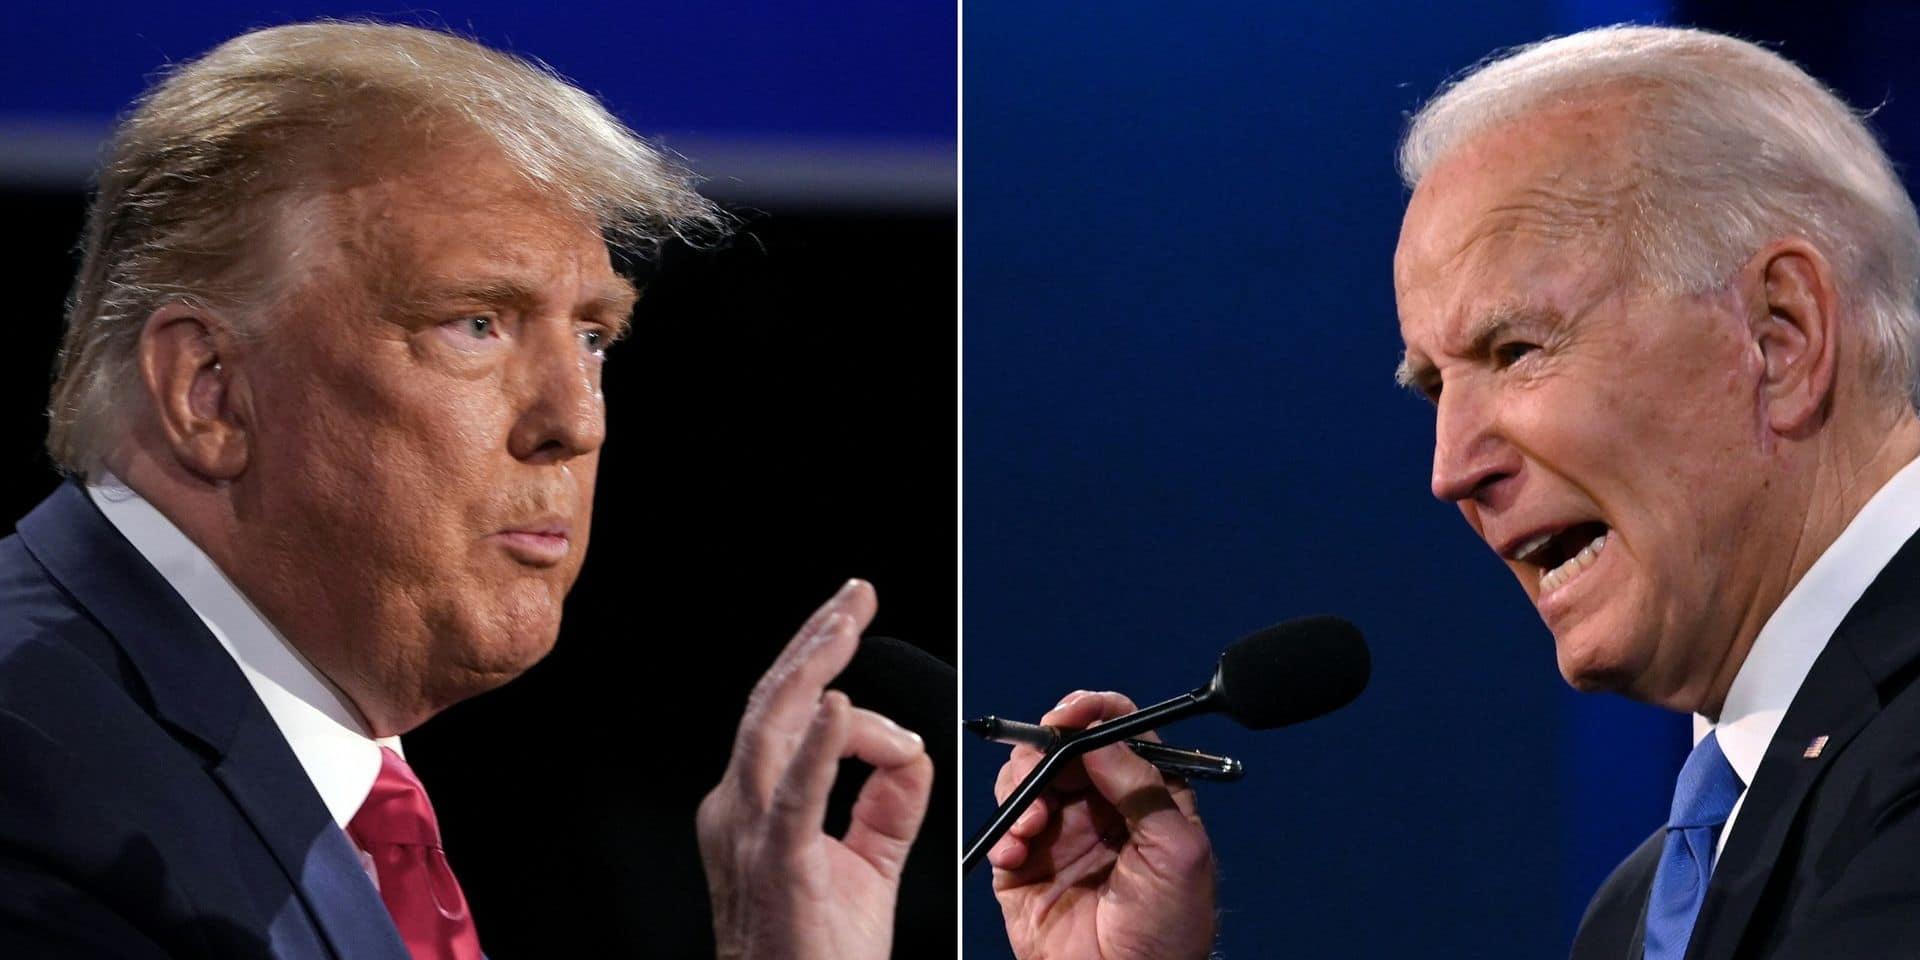 """Dix anciens chefs du Pentagone mettent en garde sur les suites de l'élection présidentielle: """"Cela nous conduirait dans un territoire dangereux"""""""